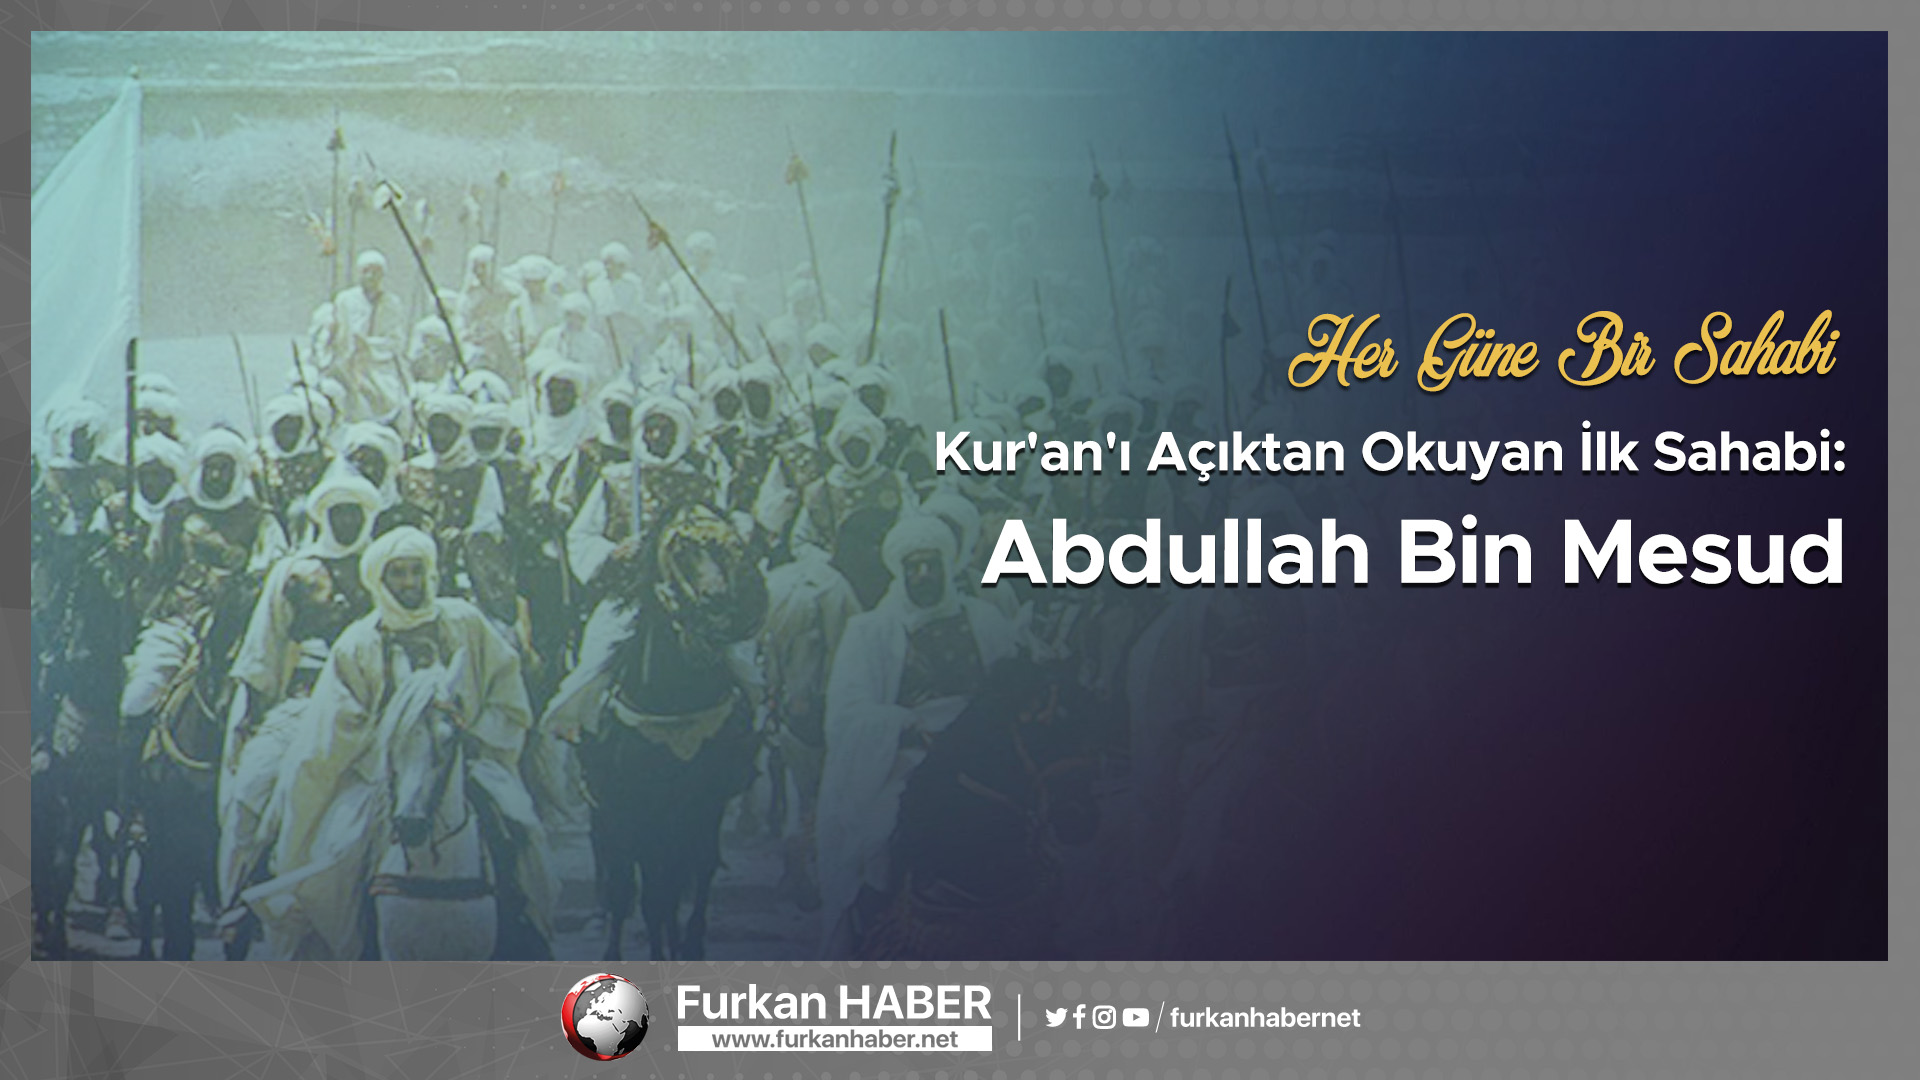 Kur'an'ı Açıktan Okuyan İlk Sahabi: Abdullah Bin Mesud